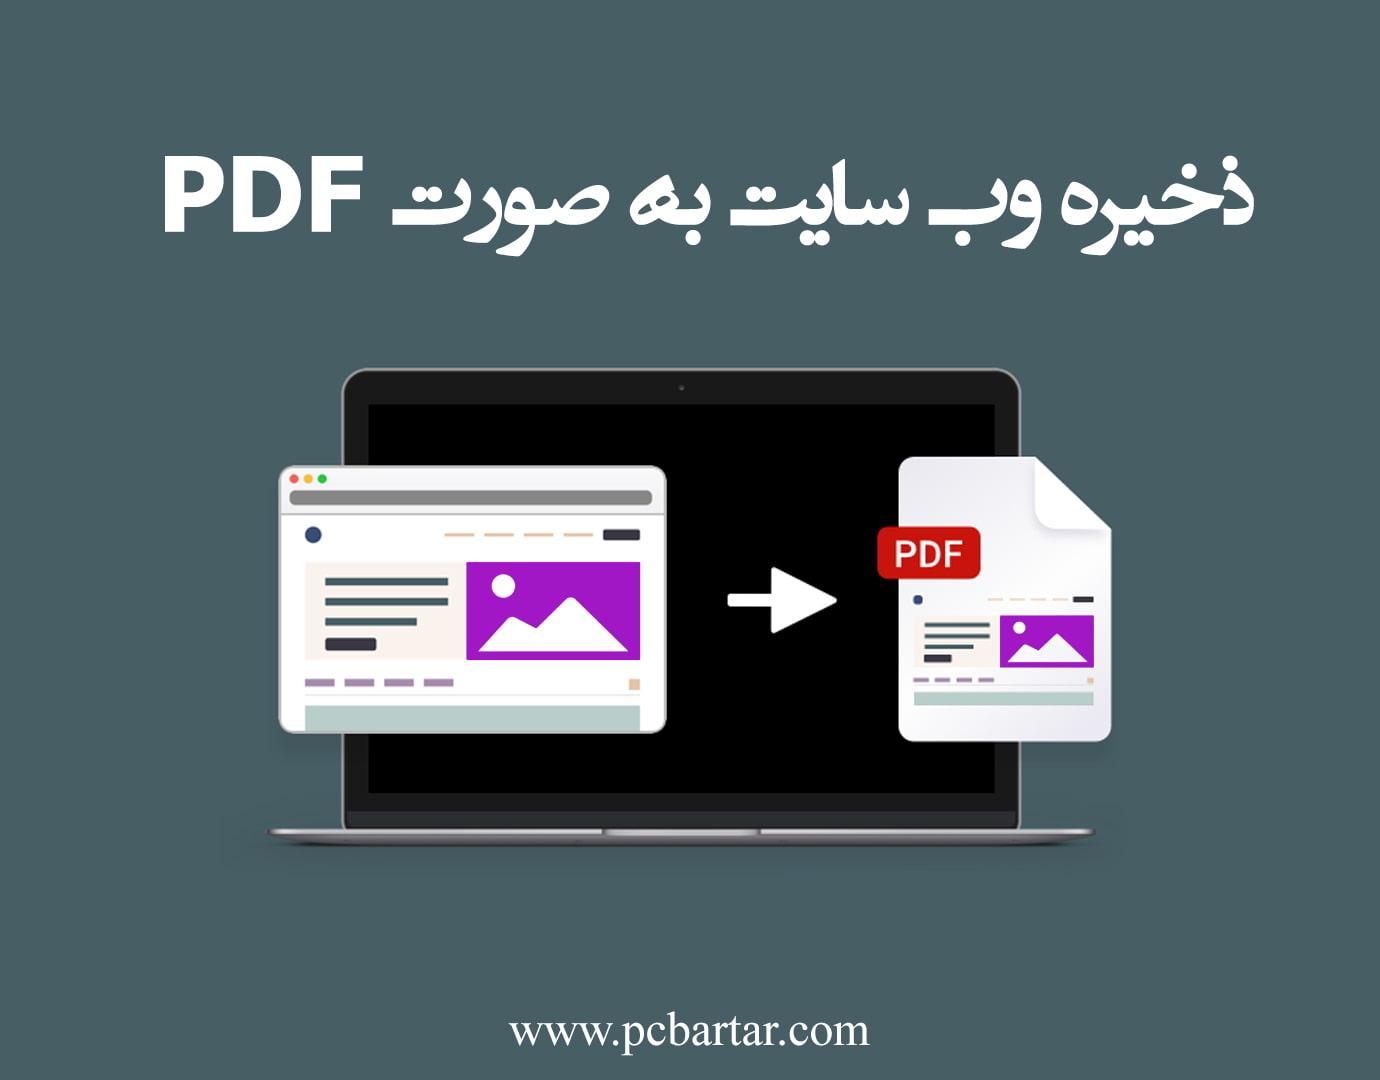 ذخیره وب سایت به صورت فایل PDF - وب سایت برتر رایانه